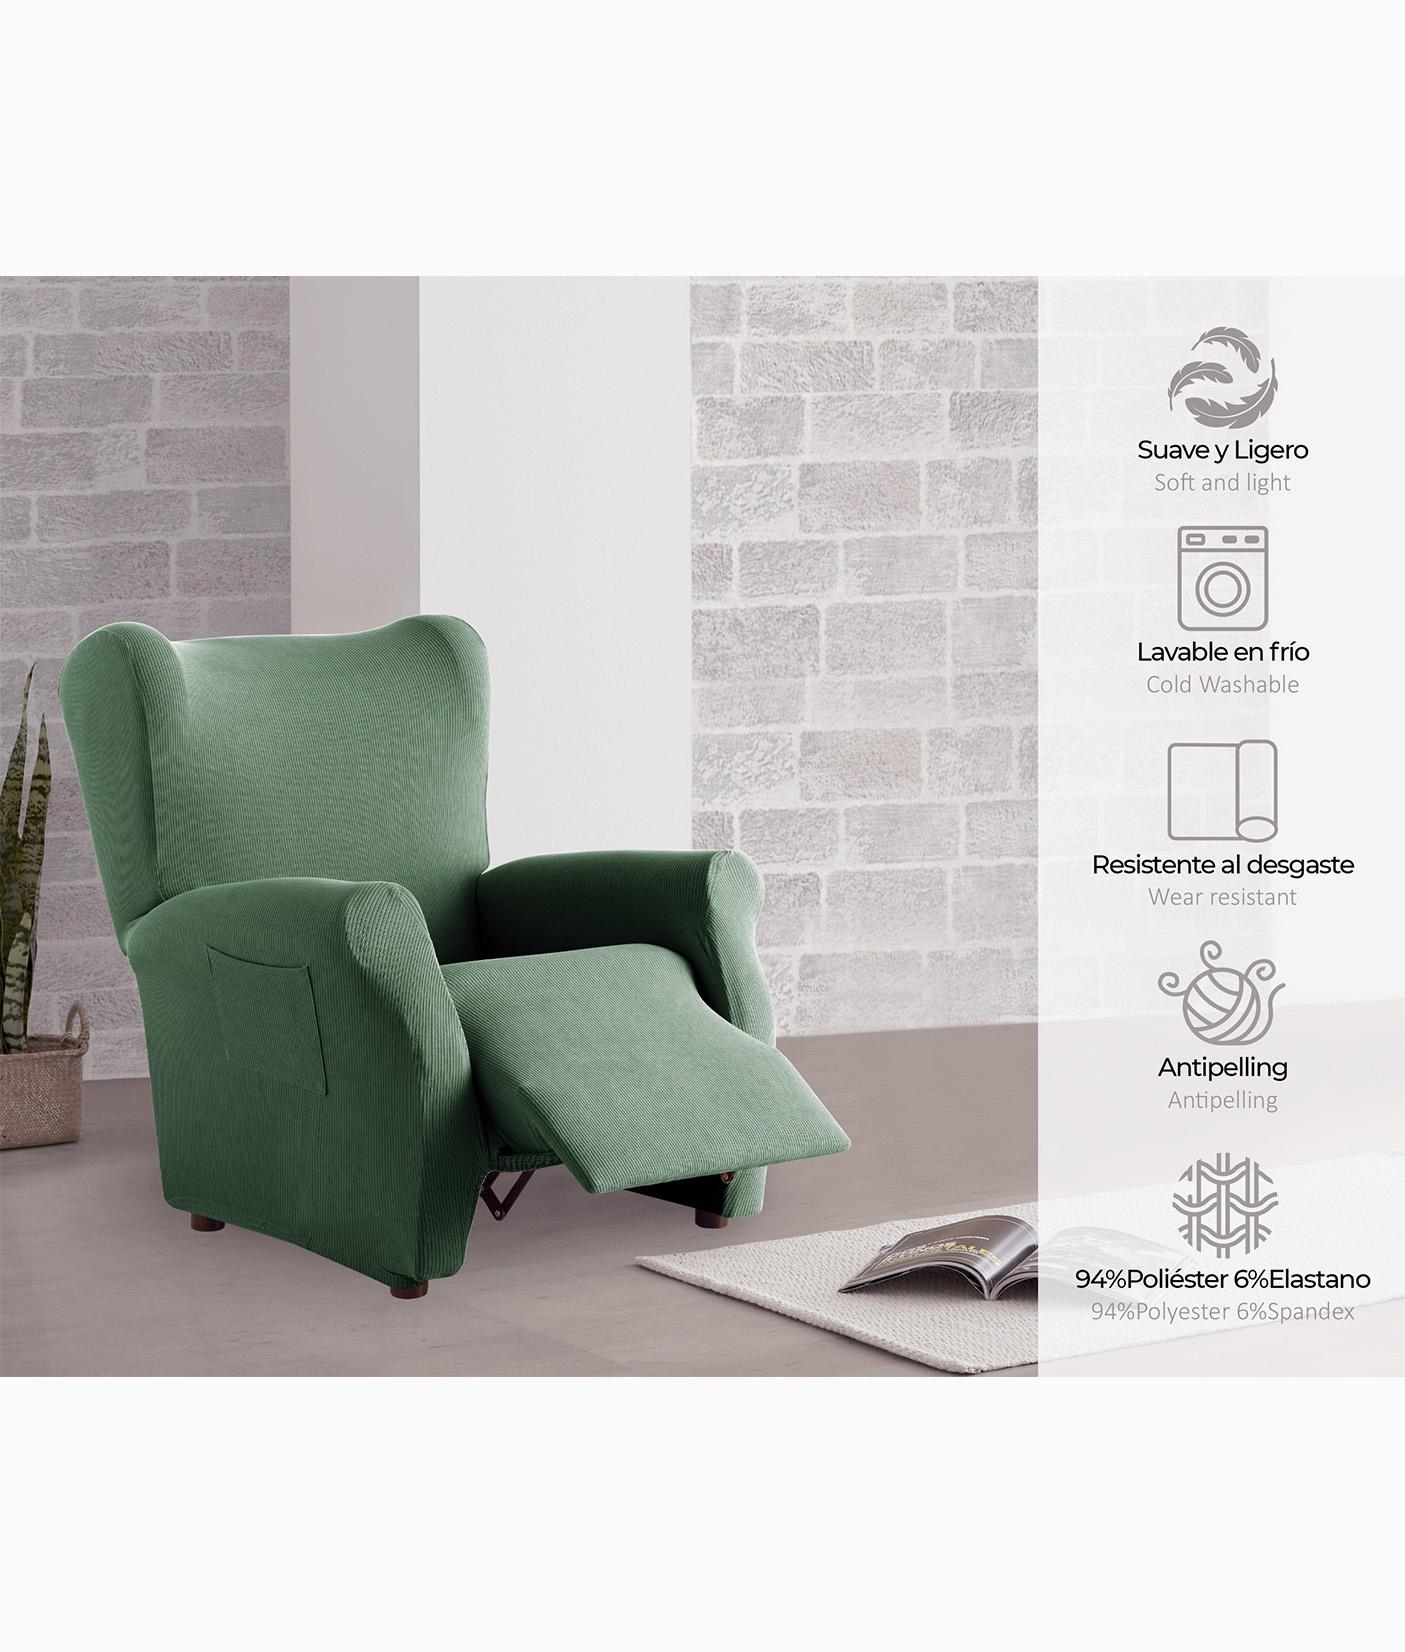 Funda Sofá Bielástica Relax - Verde